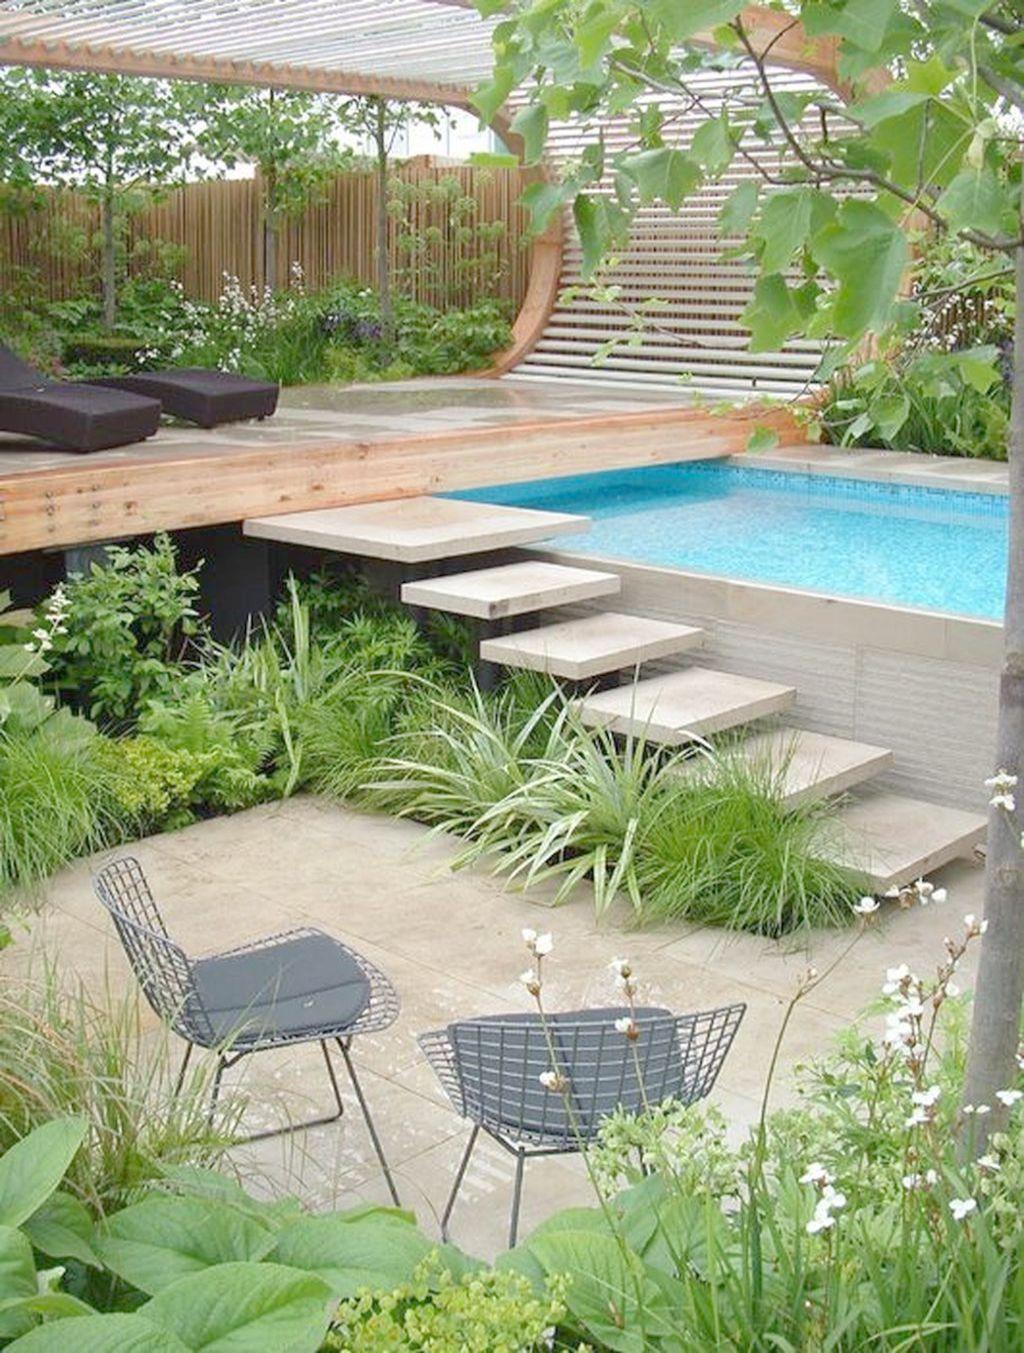 Landscape Gardening Oxford This Landscape Gardening Course Bristol Near Landscape Gardening Jobs Sy Gartengestaltung Moderne Gartenentwurfe Urban Garden Design